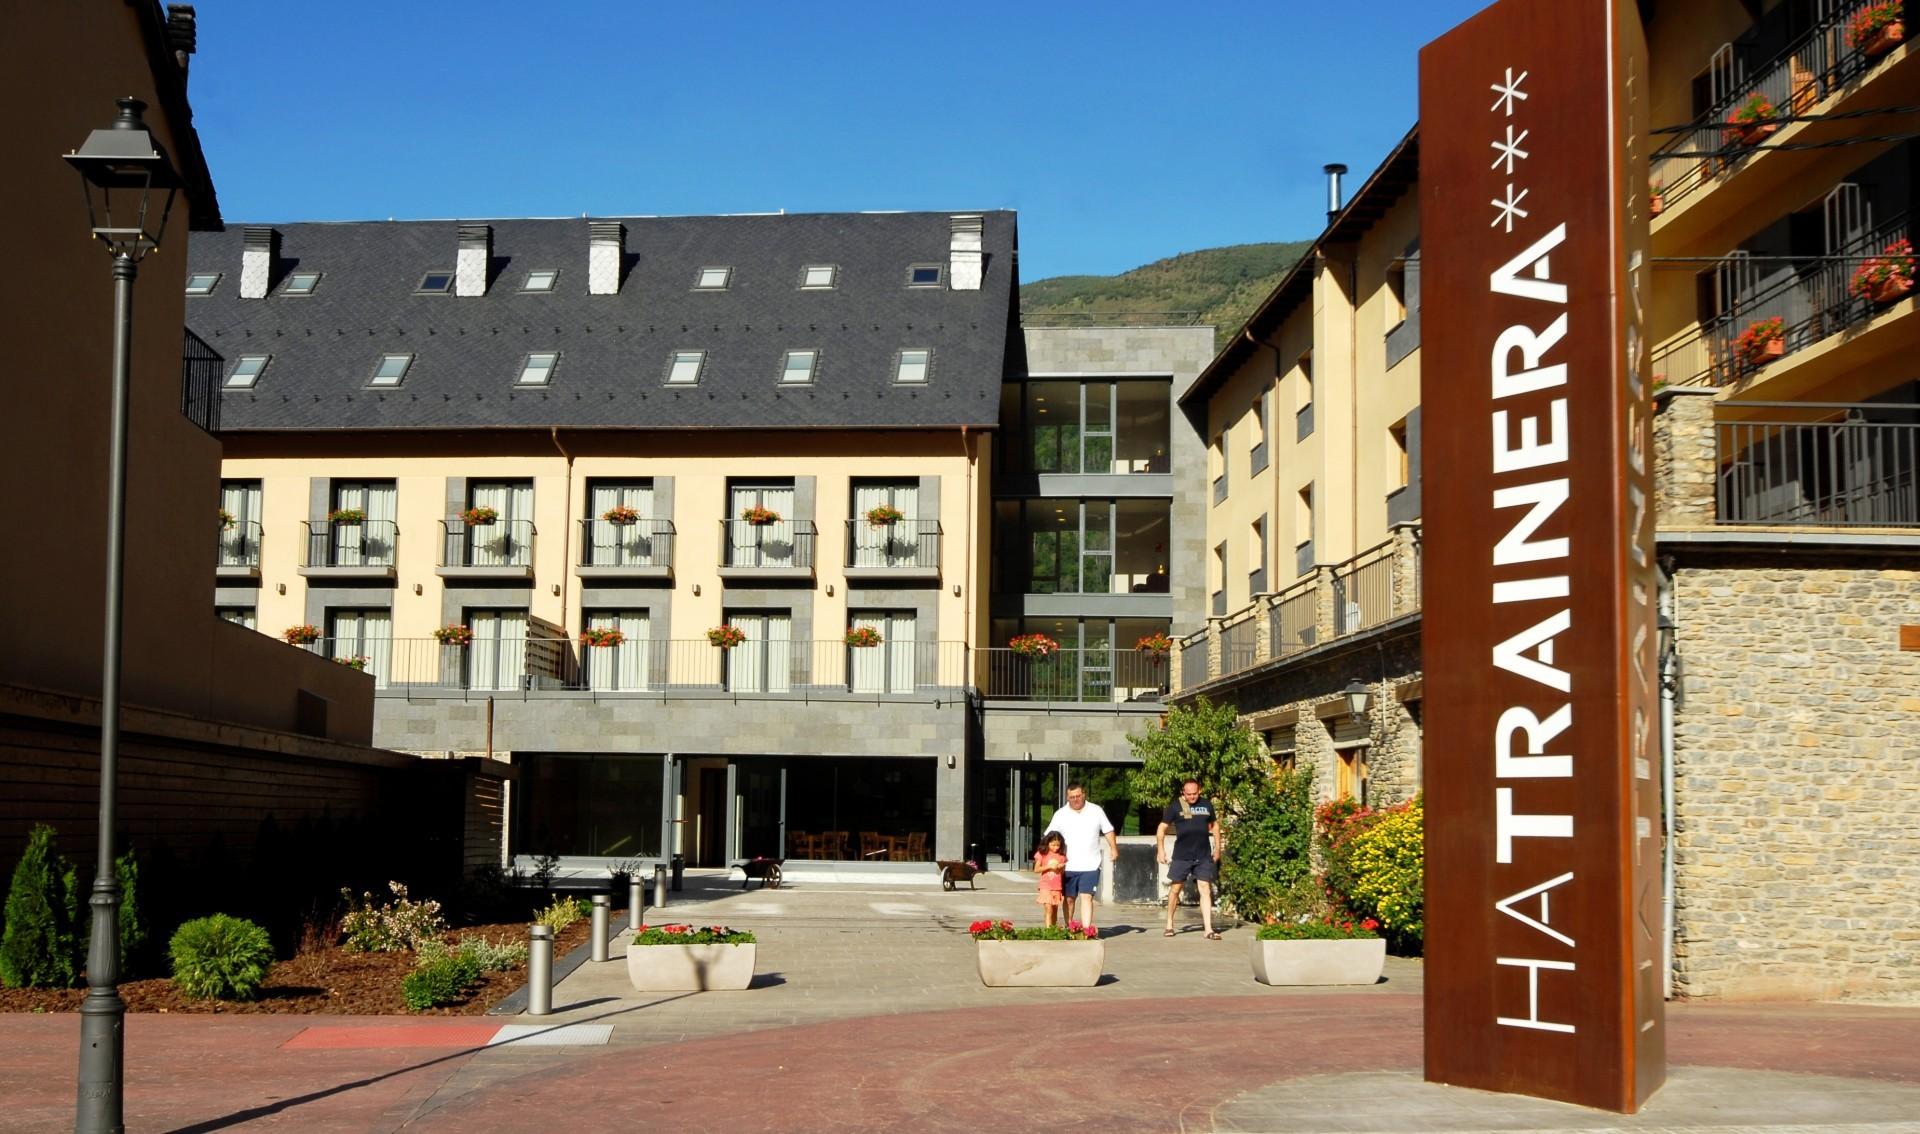 HOTEL APARTAMENTS TRAINERA a ESTERRI D'ÀNEU